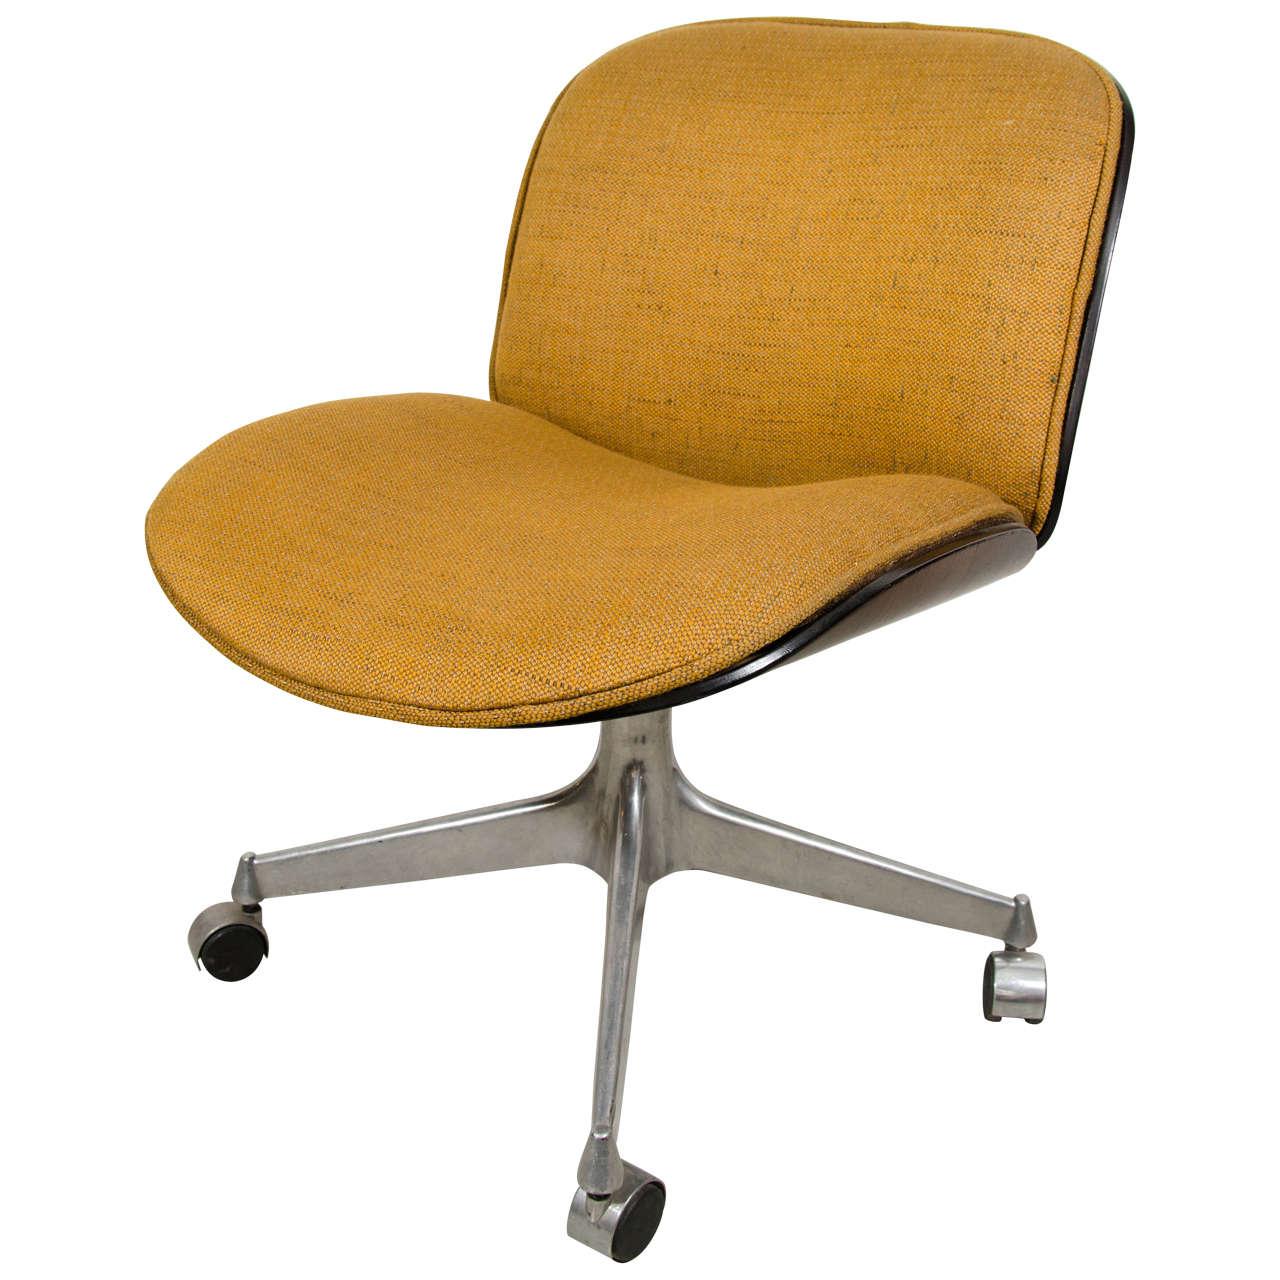 Rattan Desk Chair Uk Wicker Pottery Barn Office Hailey